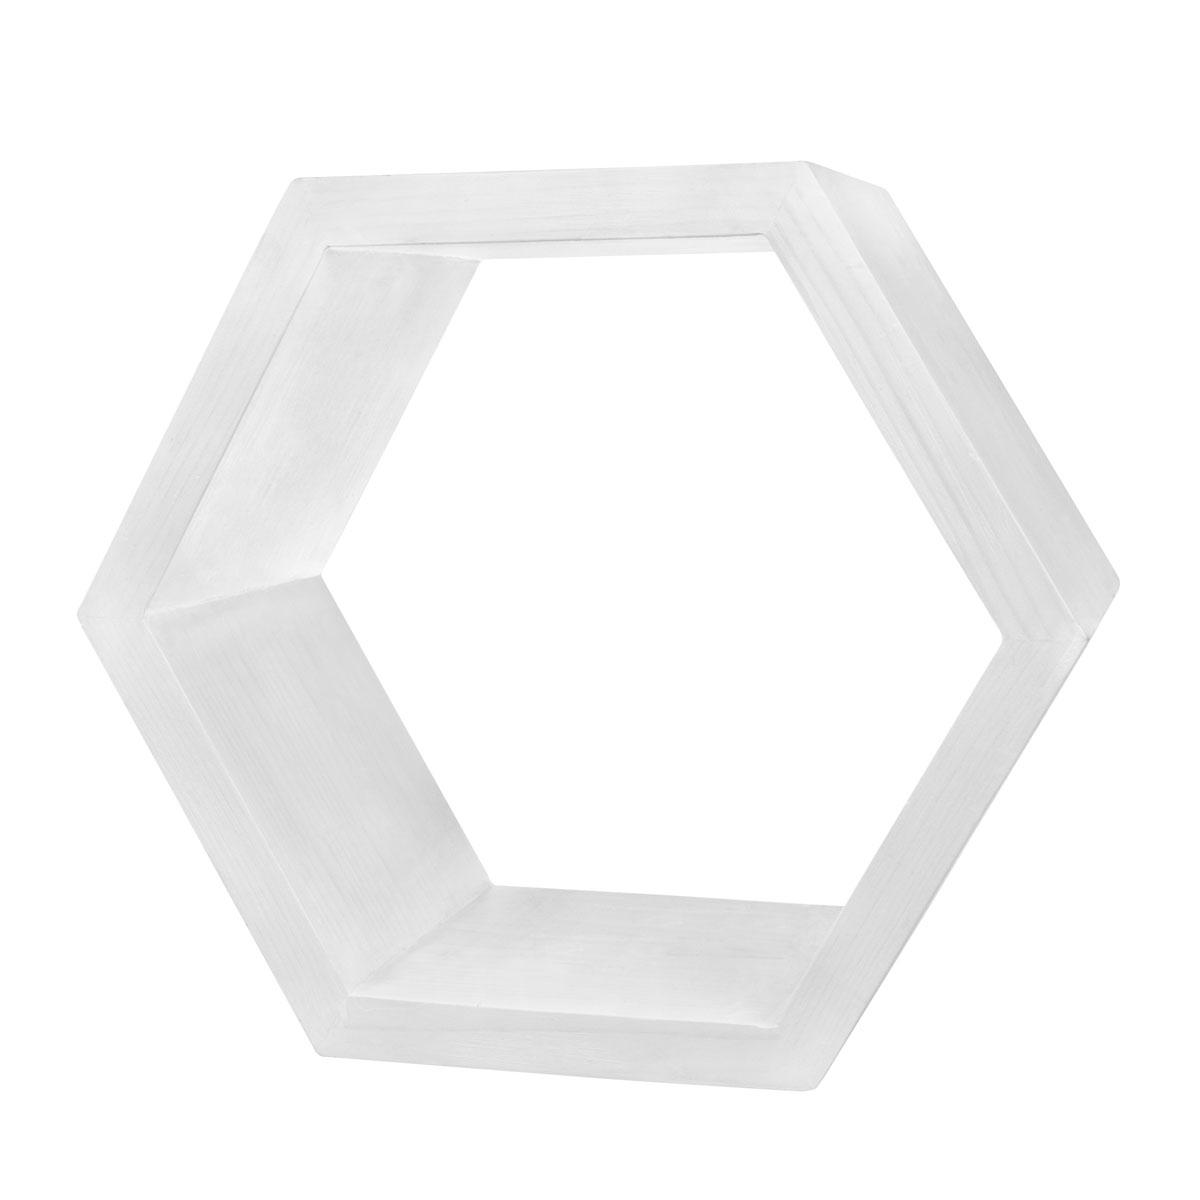 Набор из 8 декоративных полок EcoWoo 30 см, цвет: белыйDSH6NОригинальные деревянные полки шестигранники. Отличное решение для декорирования комнаты. Несколько полок можно складывать в причудливые сочетания, ограниченные только вашей фантазией. Любой цвет и размер. Станьте креативными дизайнерами своего жилого пространства!